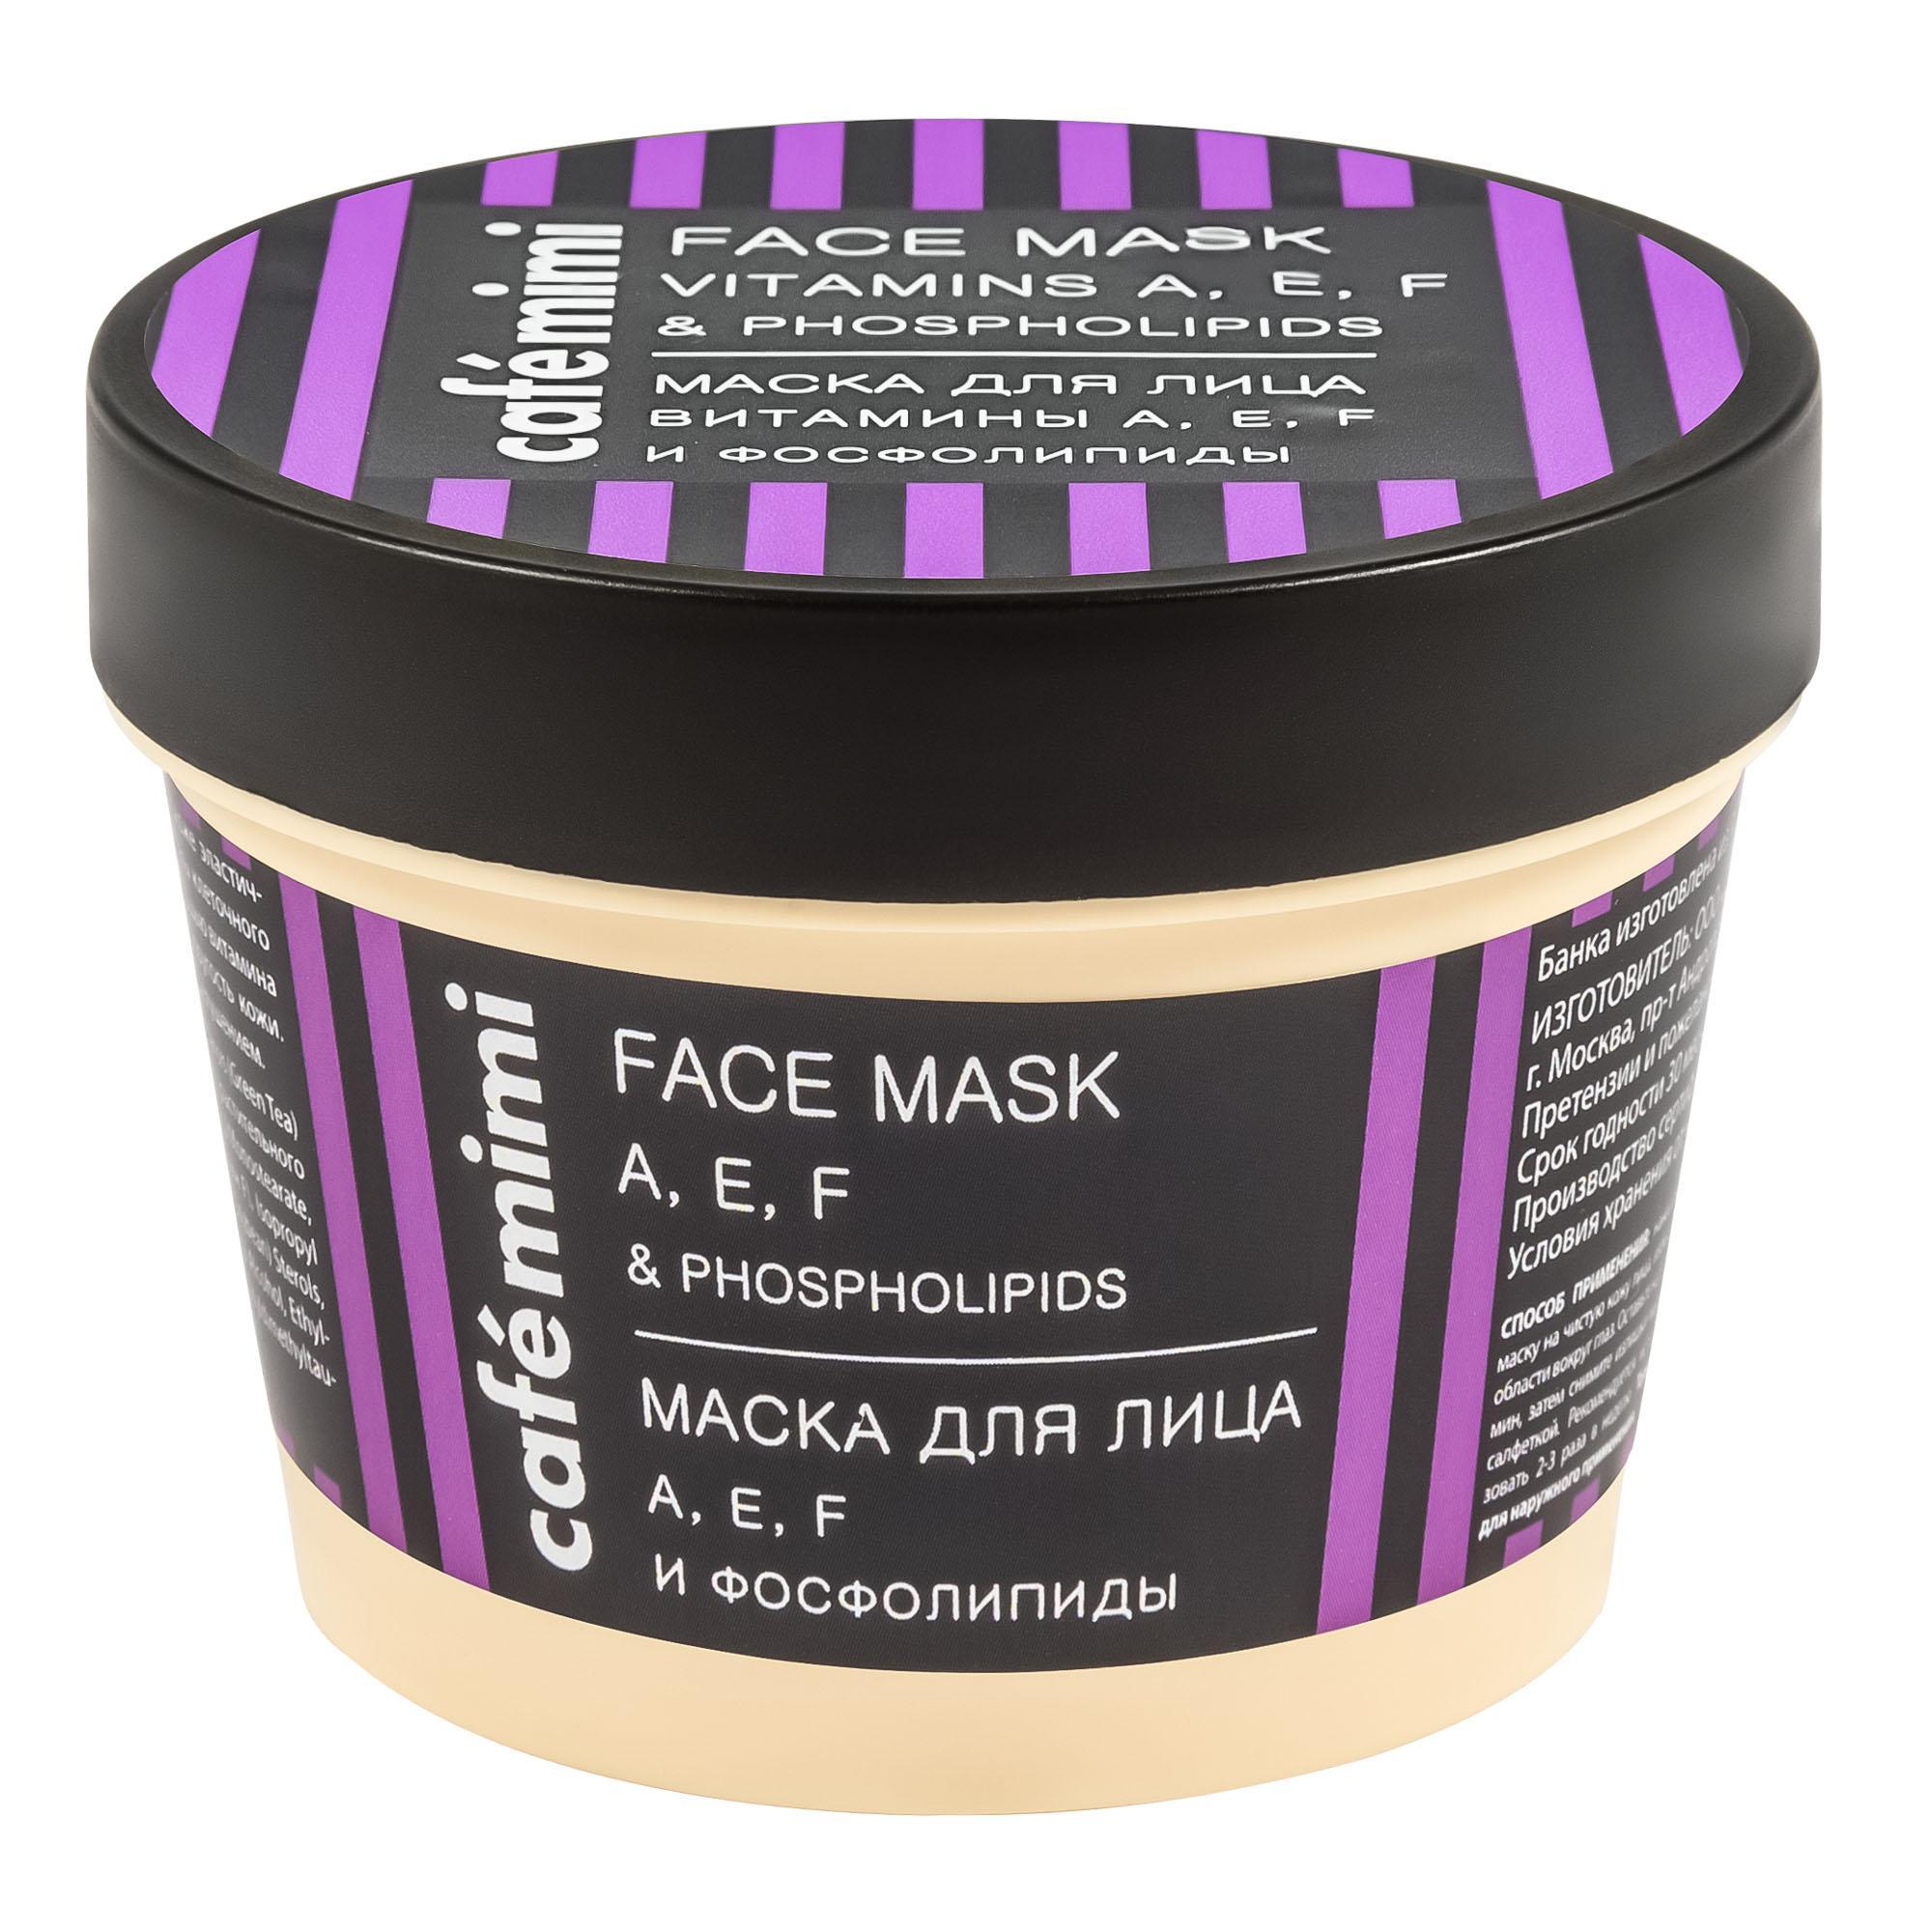 Café Mimi Mascarilla Facial Vitamina A, E, F y Fosfolípidos  110 ml